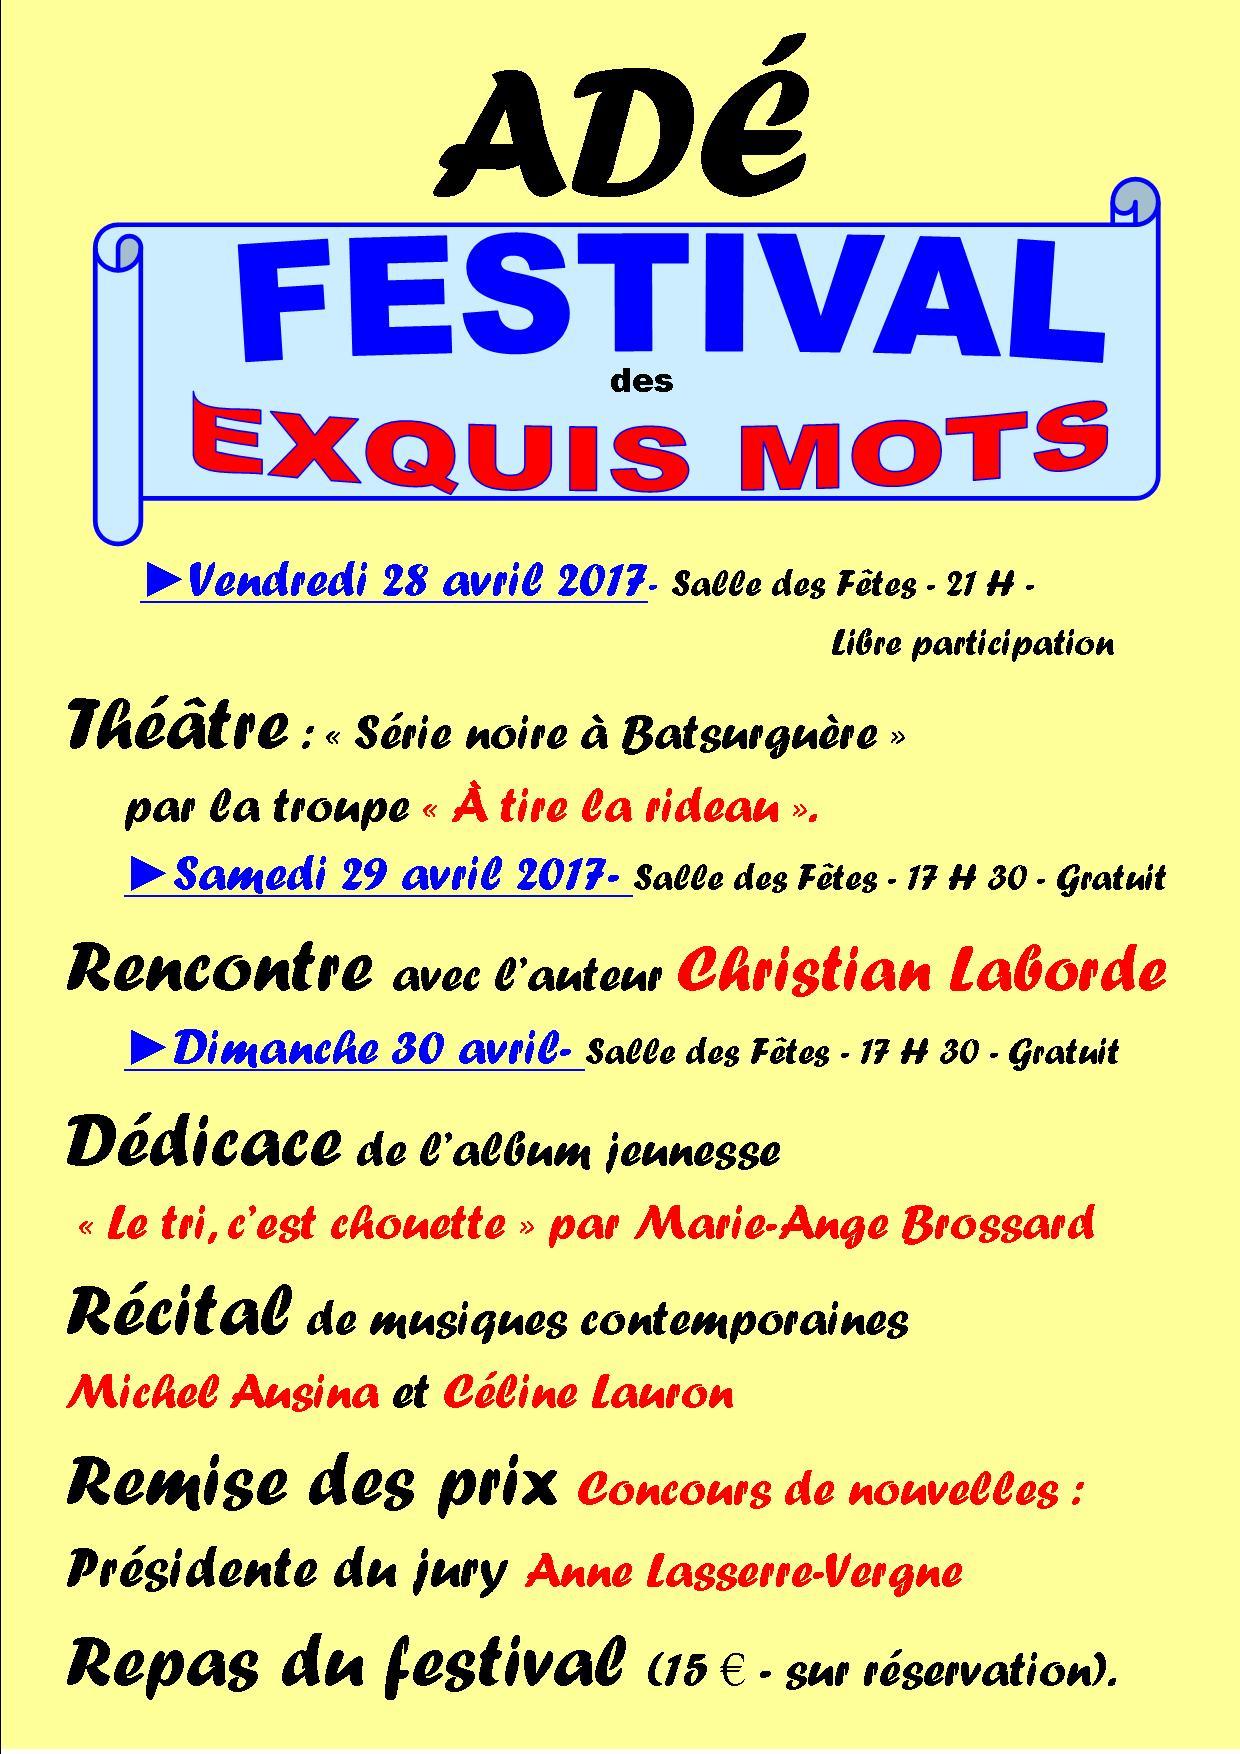 Adé : Festival des Exquis Mots le 28 avril 2017, à 21h